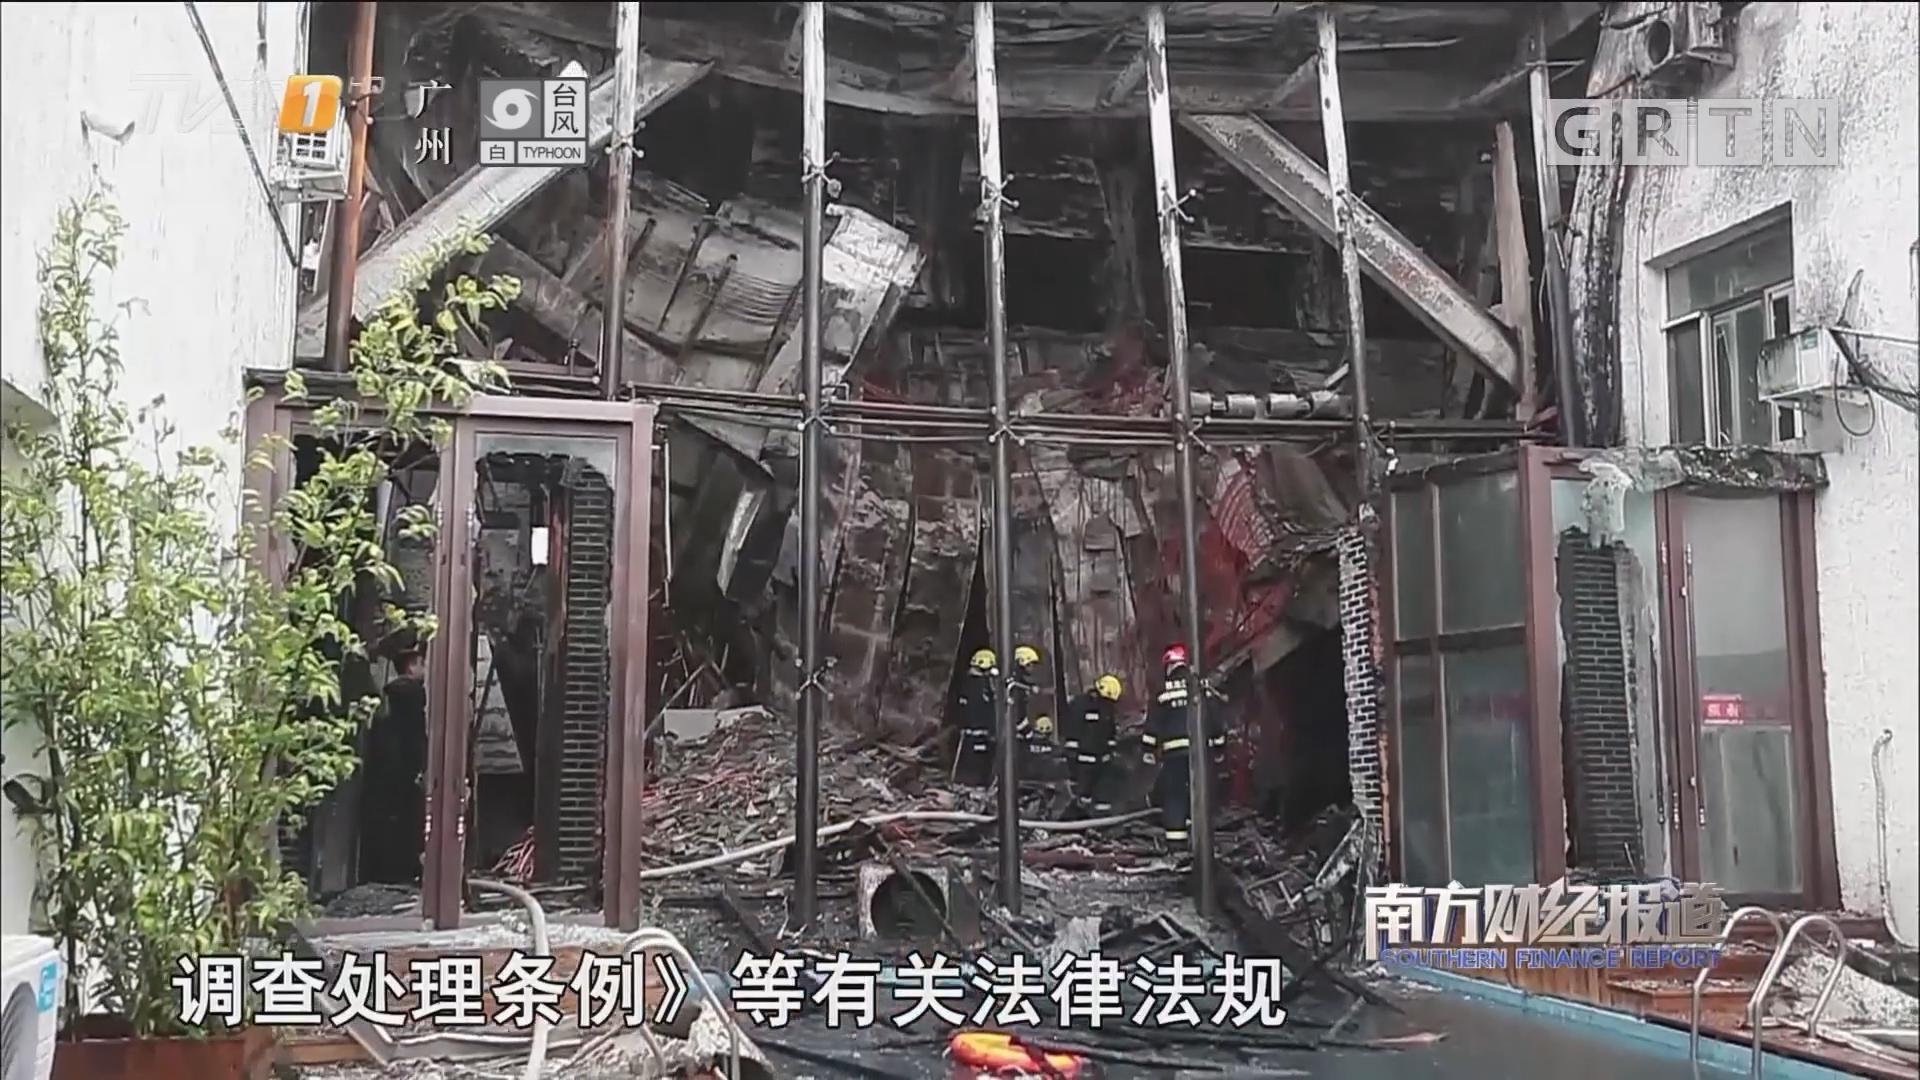 国务院对哈尔滨825重大火灾事故查处工作实行挂牌督办